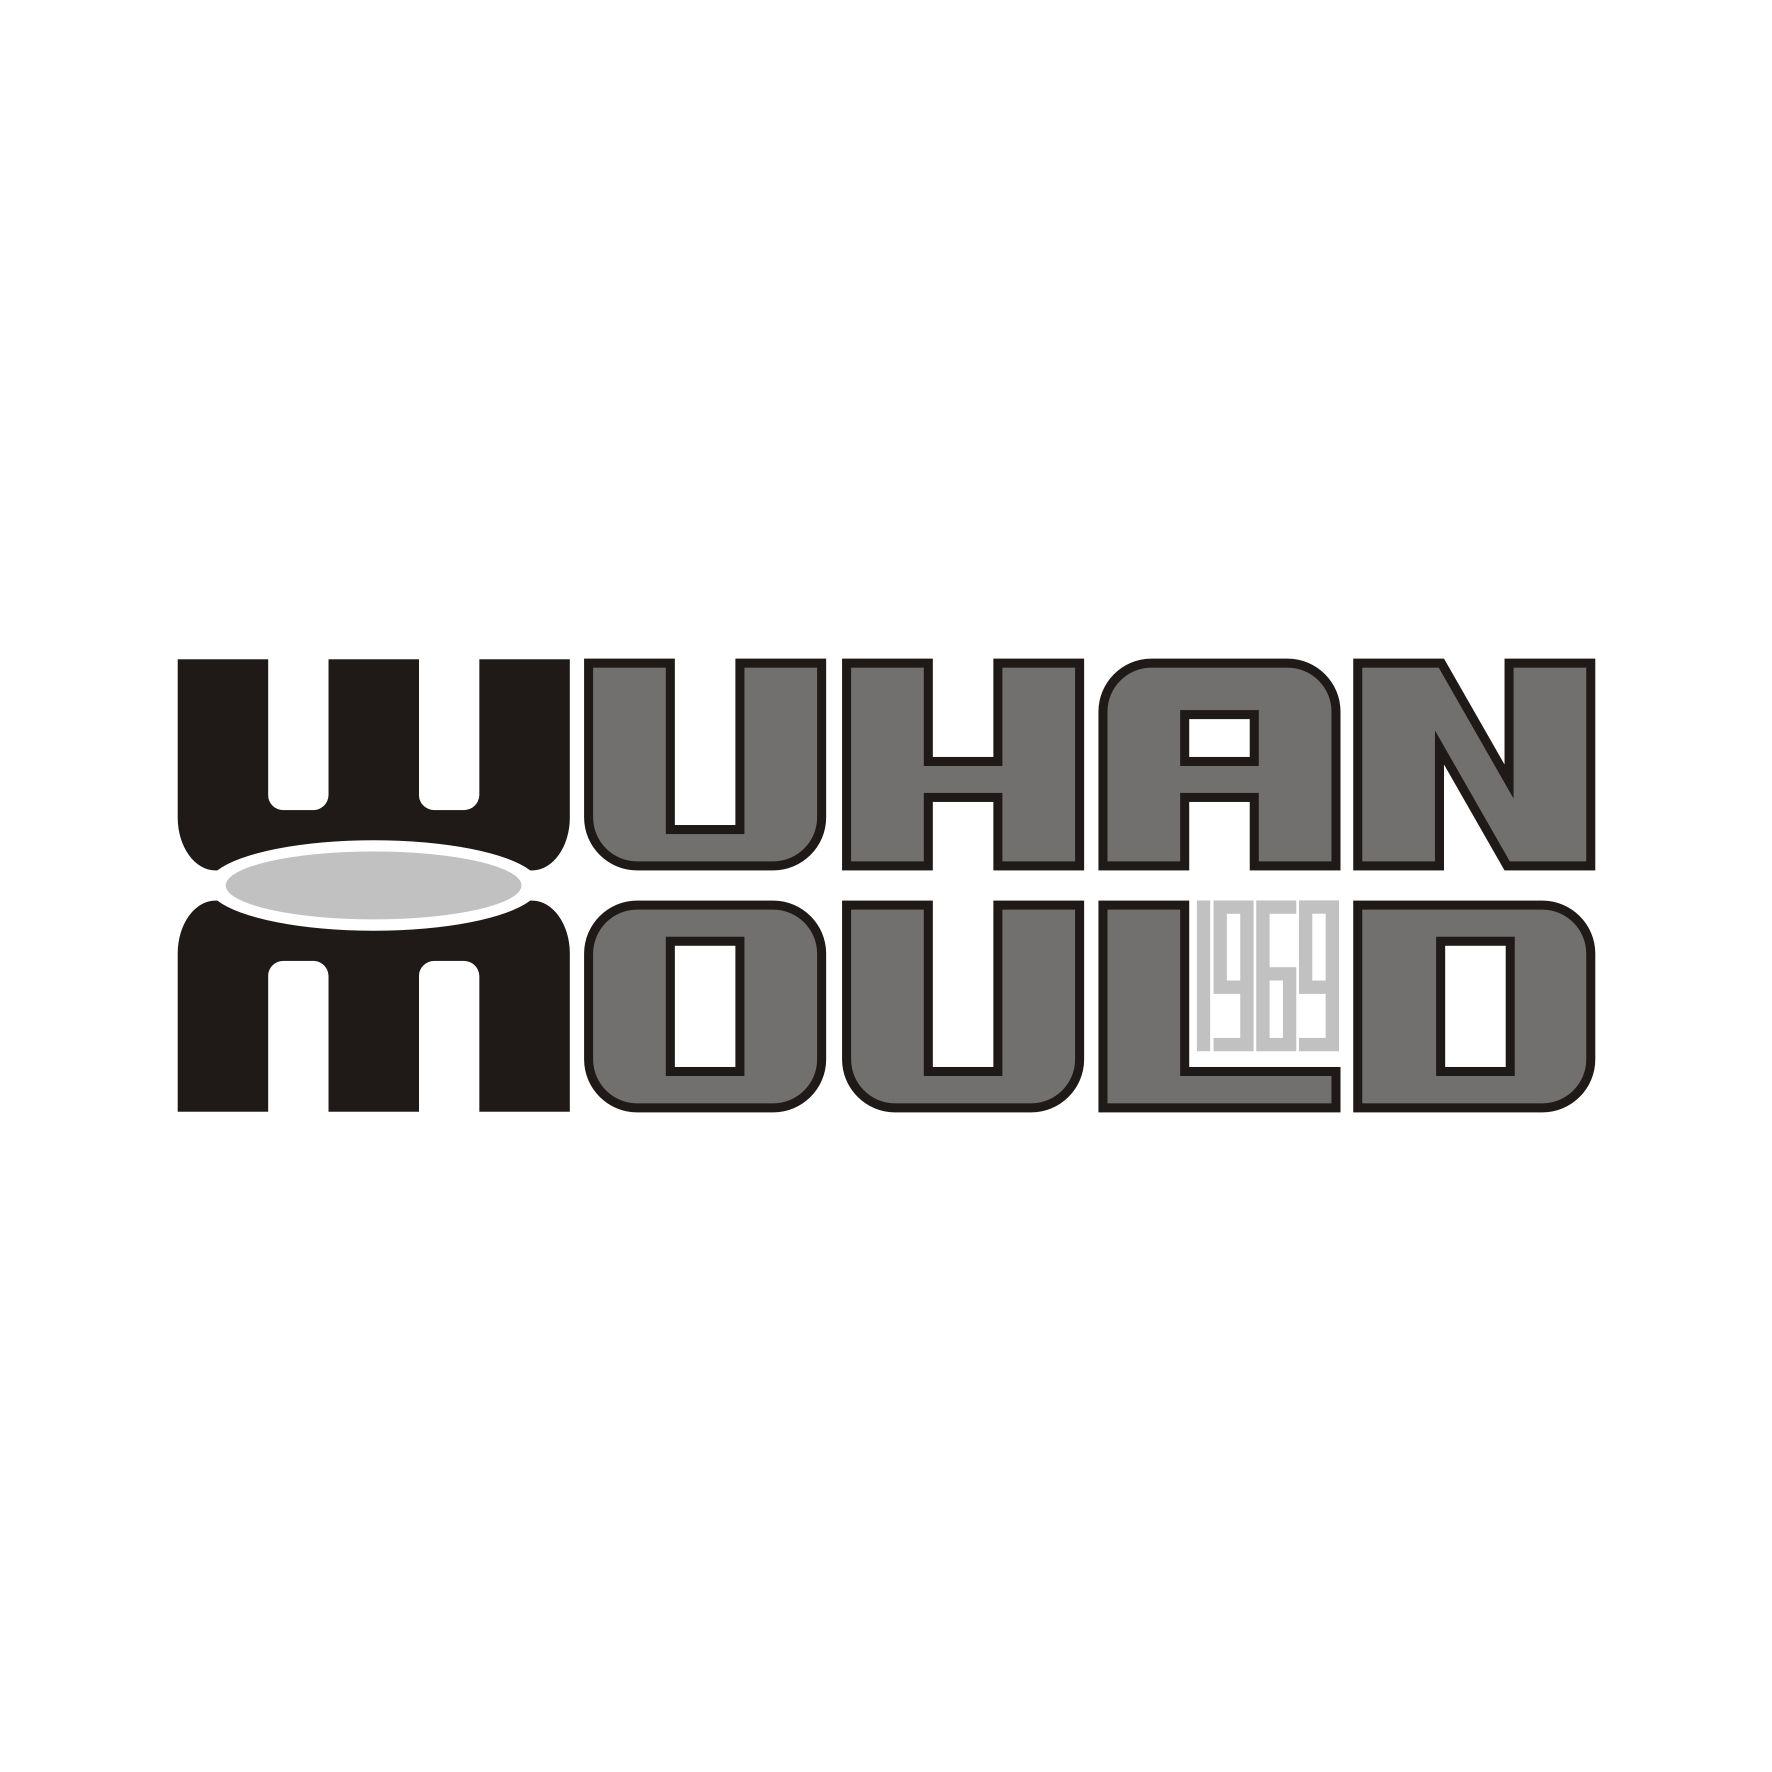 Создать логотип для фабрики пресс-форм фото f_8875996cacf9dc47.jpg